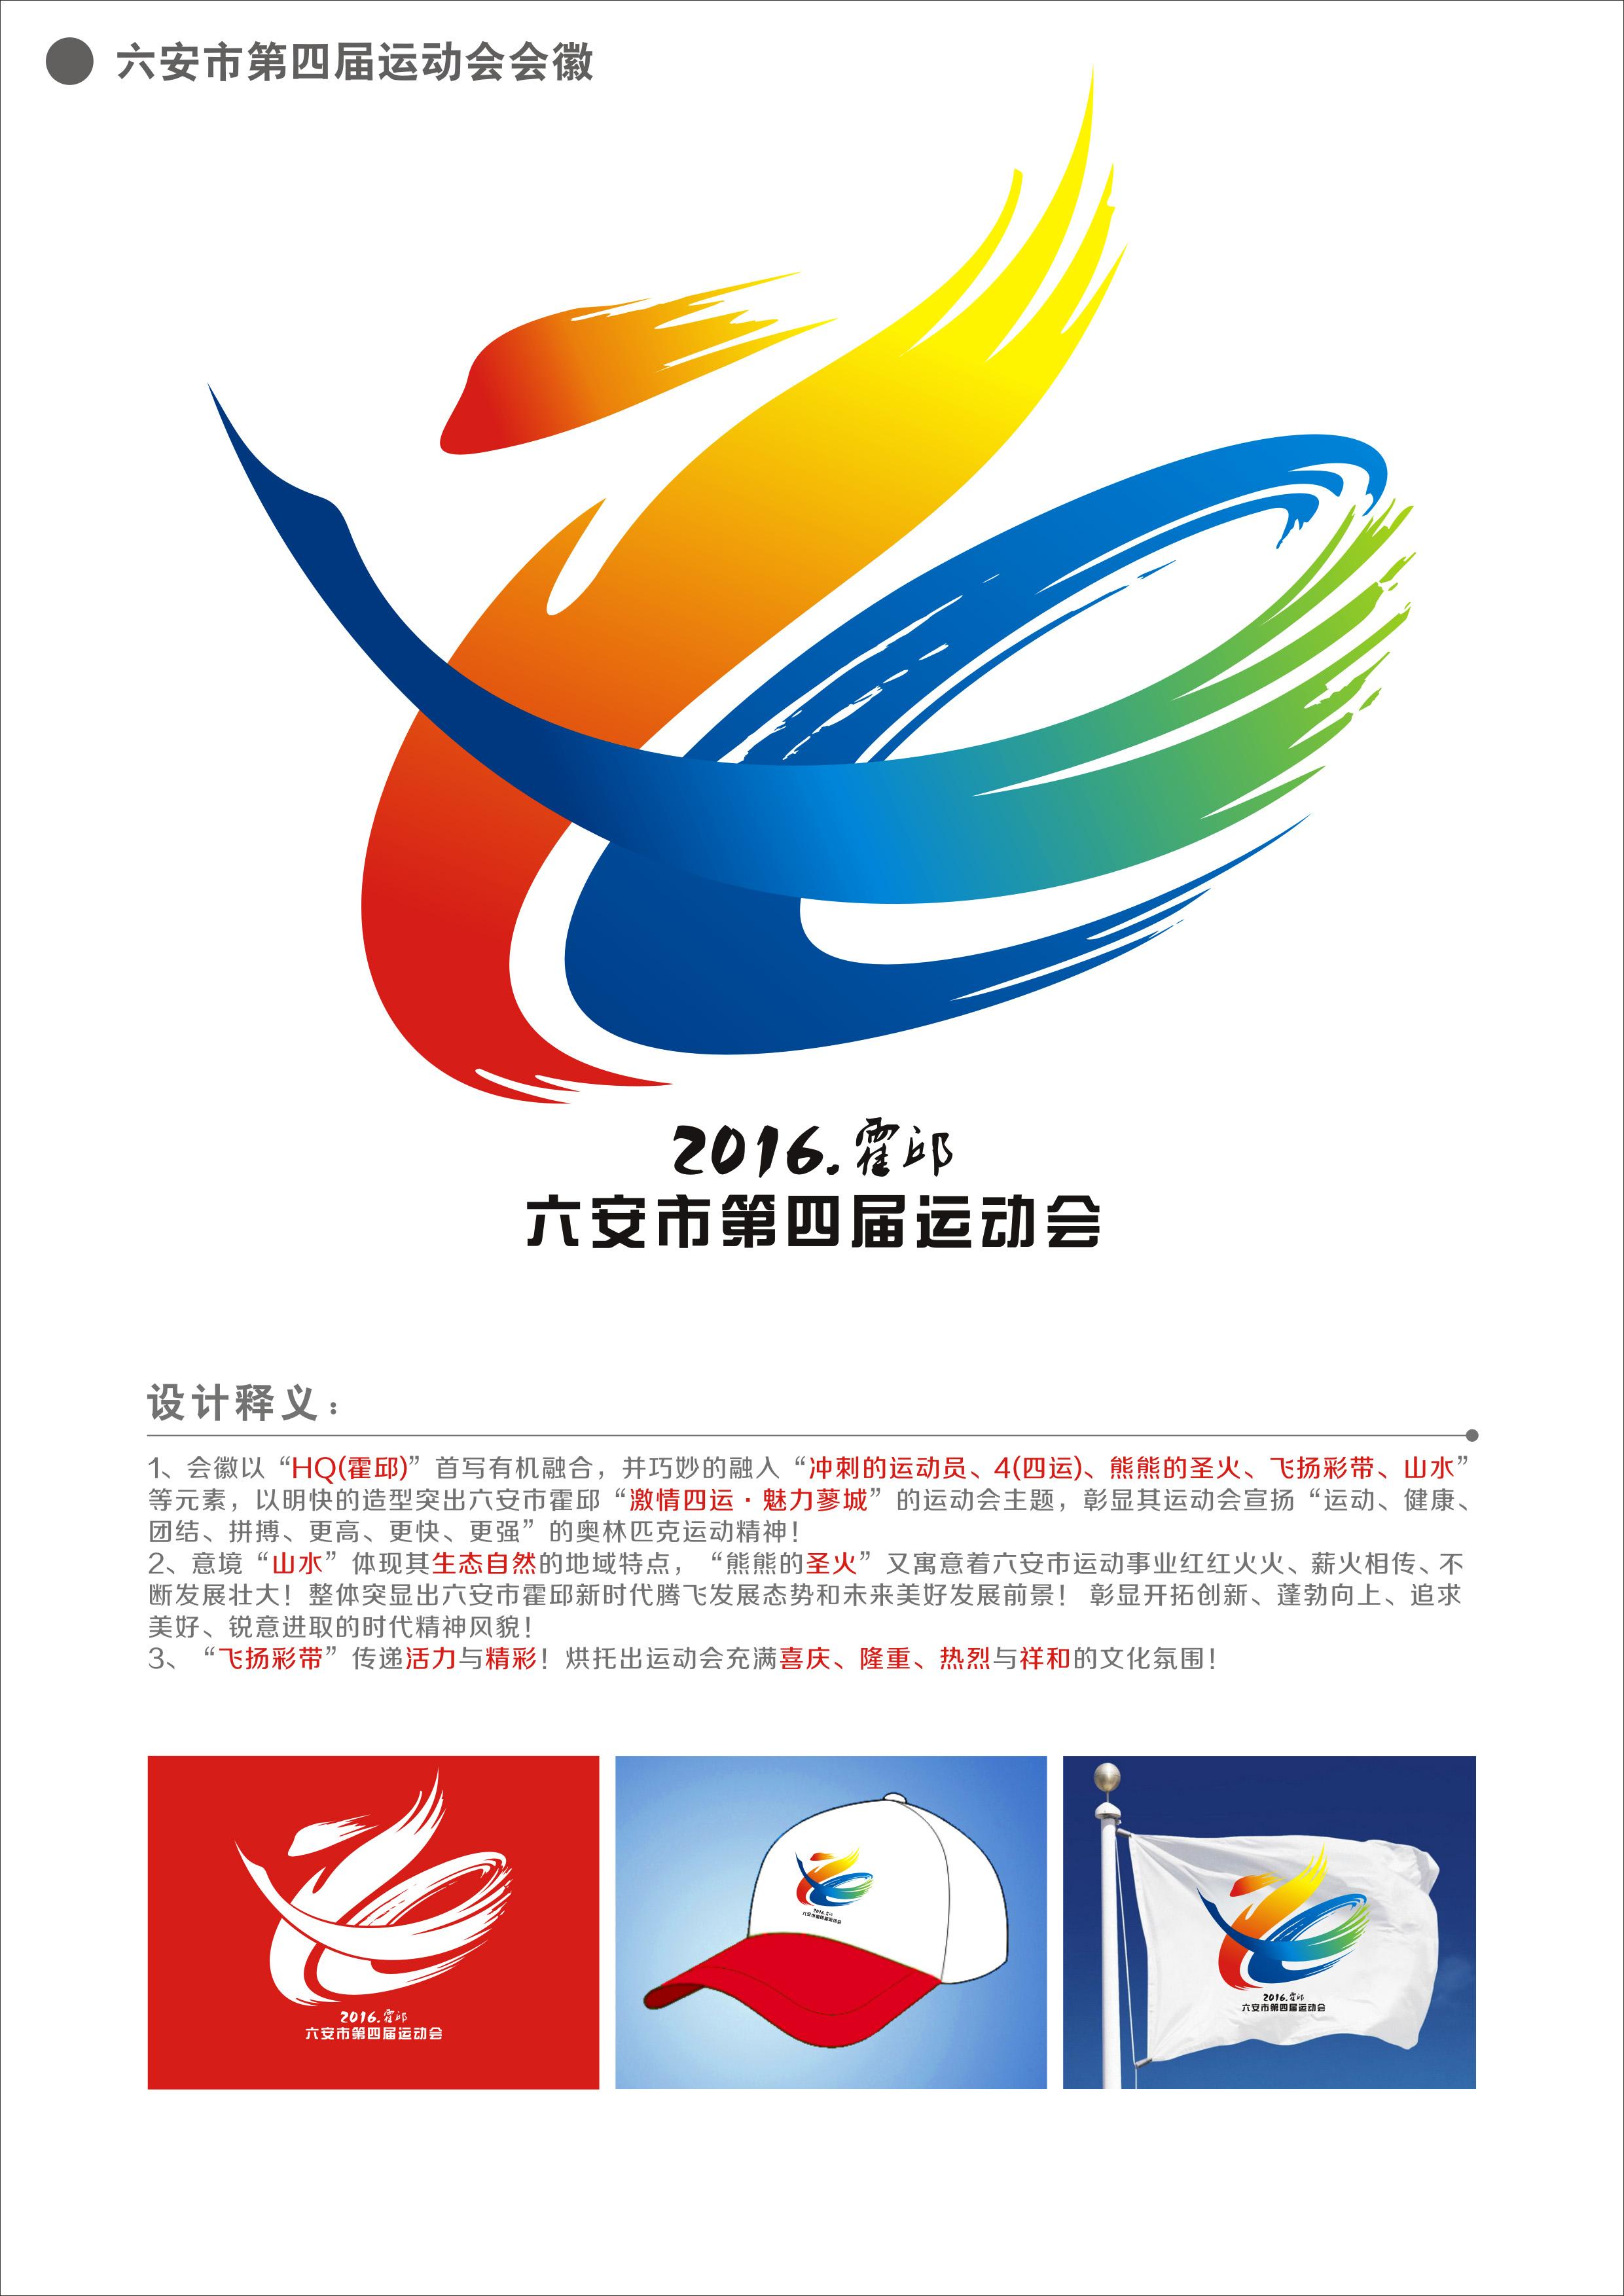 六安市第四届运动会会徽,吉祥物,主题口号征集评审结果公示图片